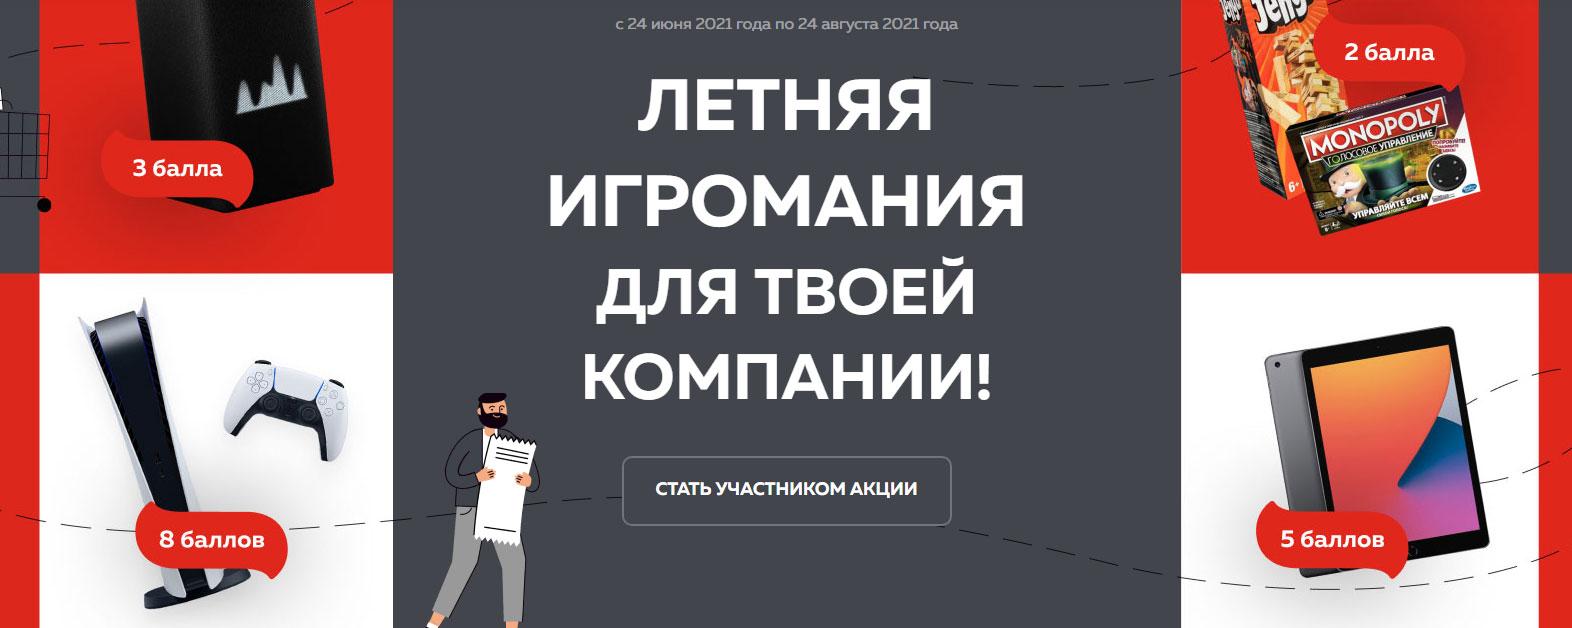 Промо акция Петруха в Окей 2021 «Игромания»!